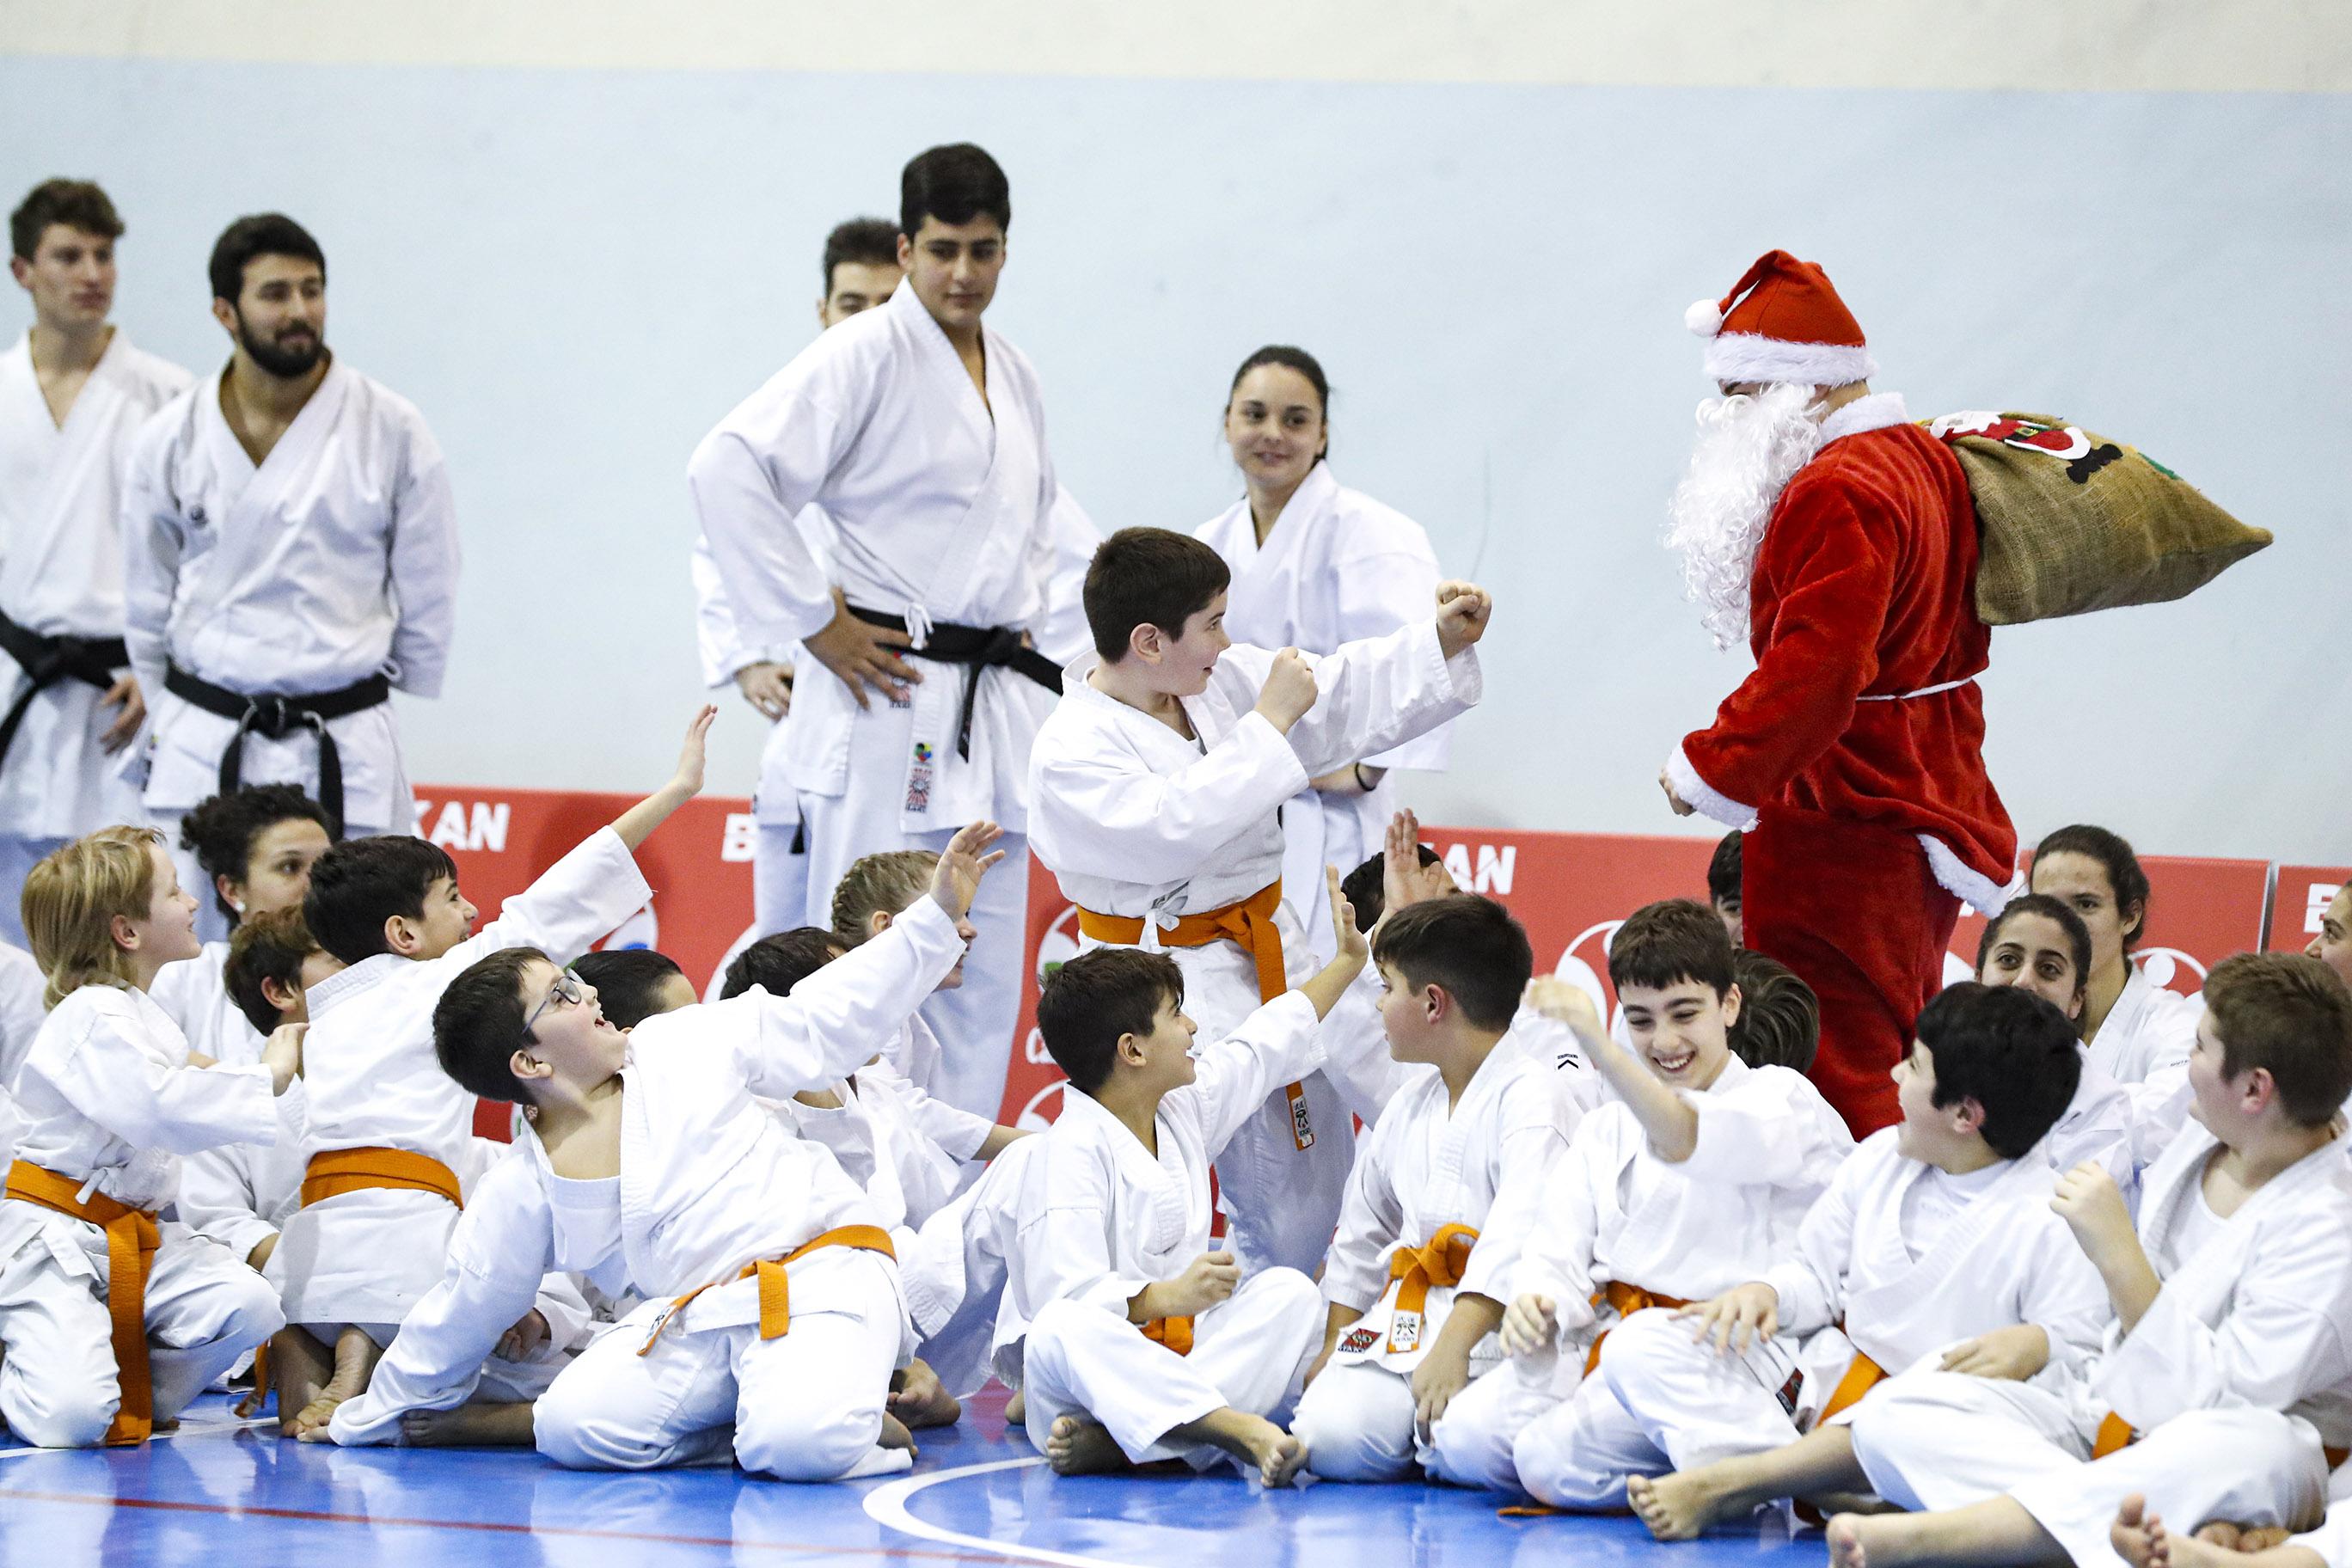 Natale_Budokan_babbo natale